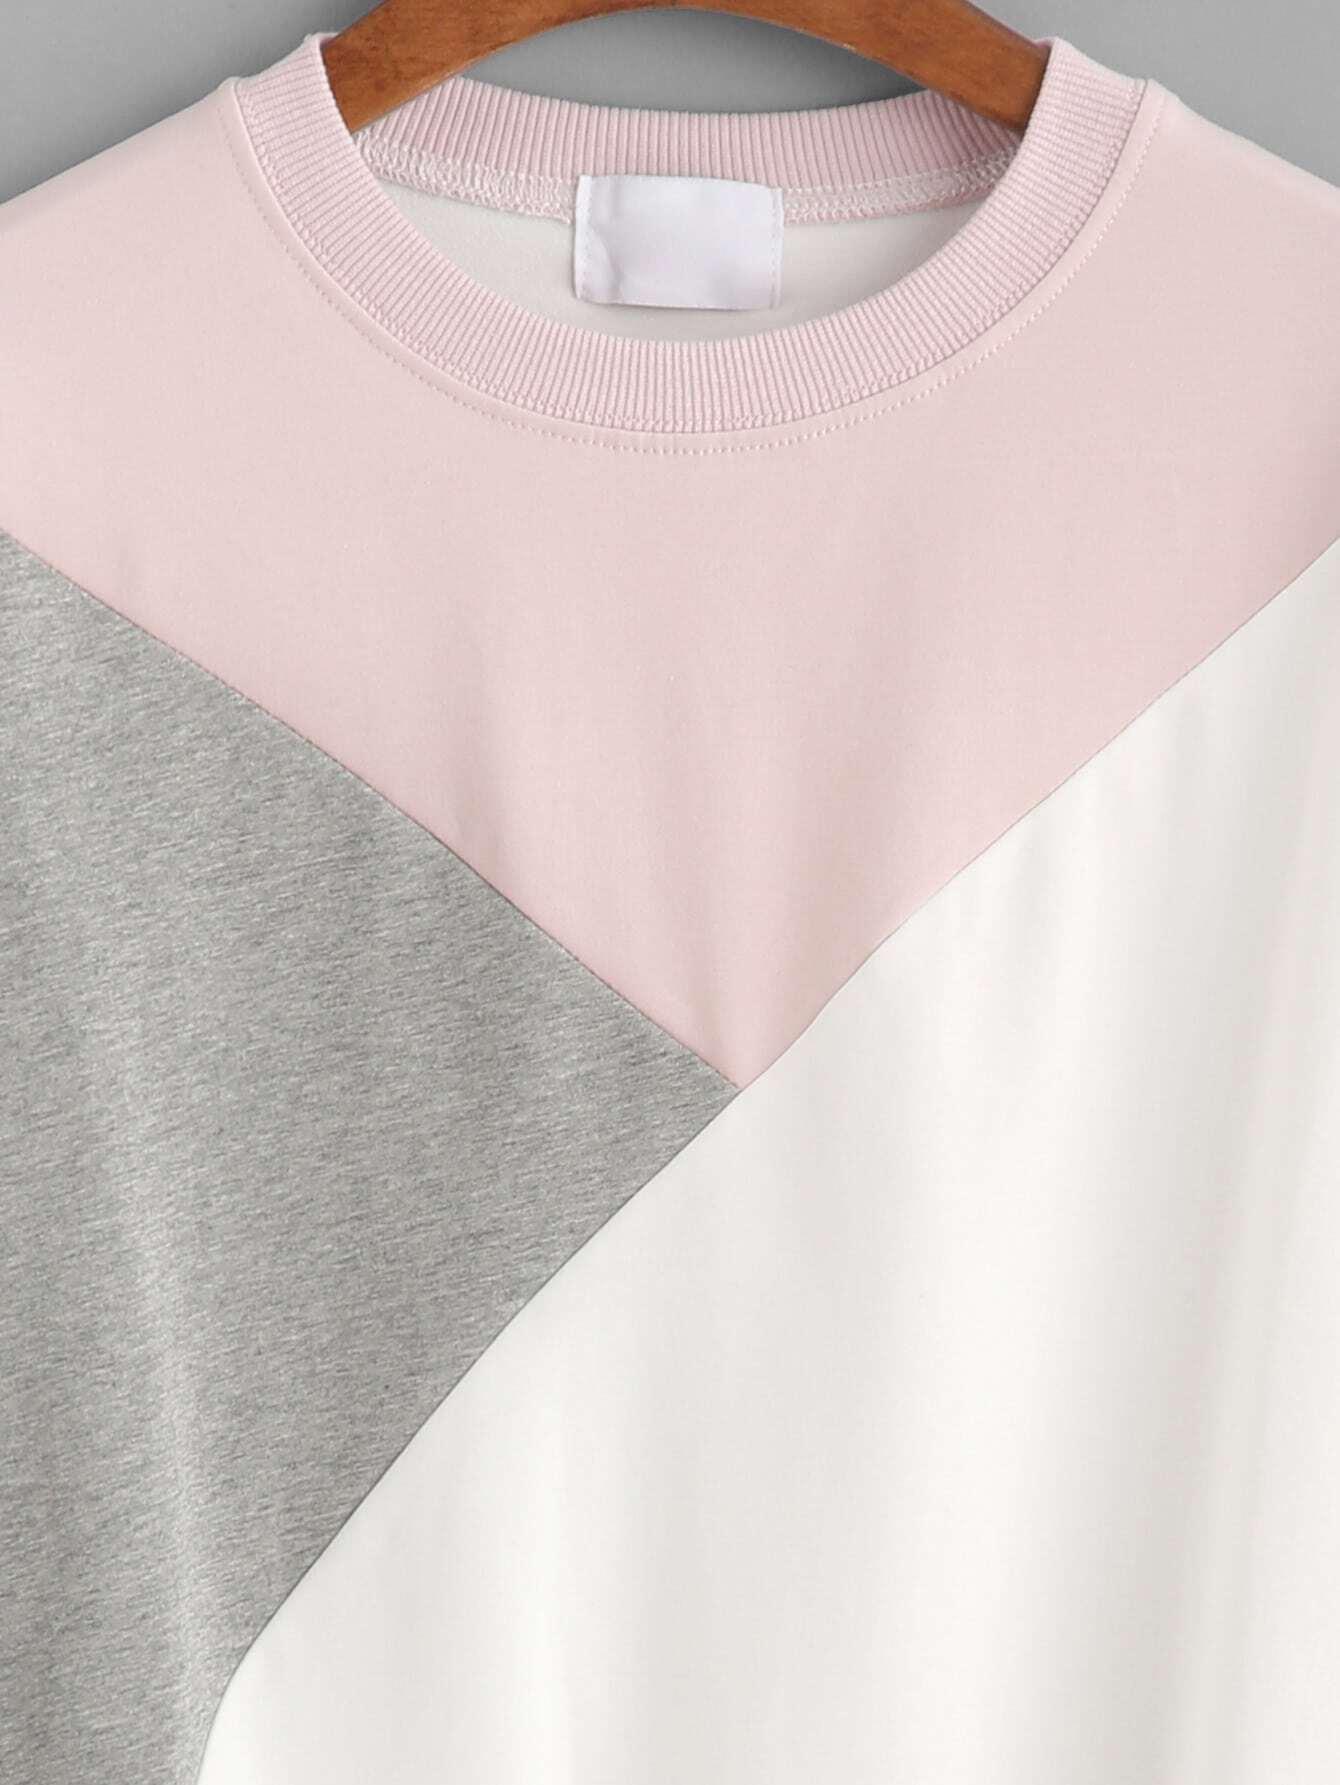 sweatshirt160816021_2